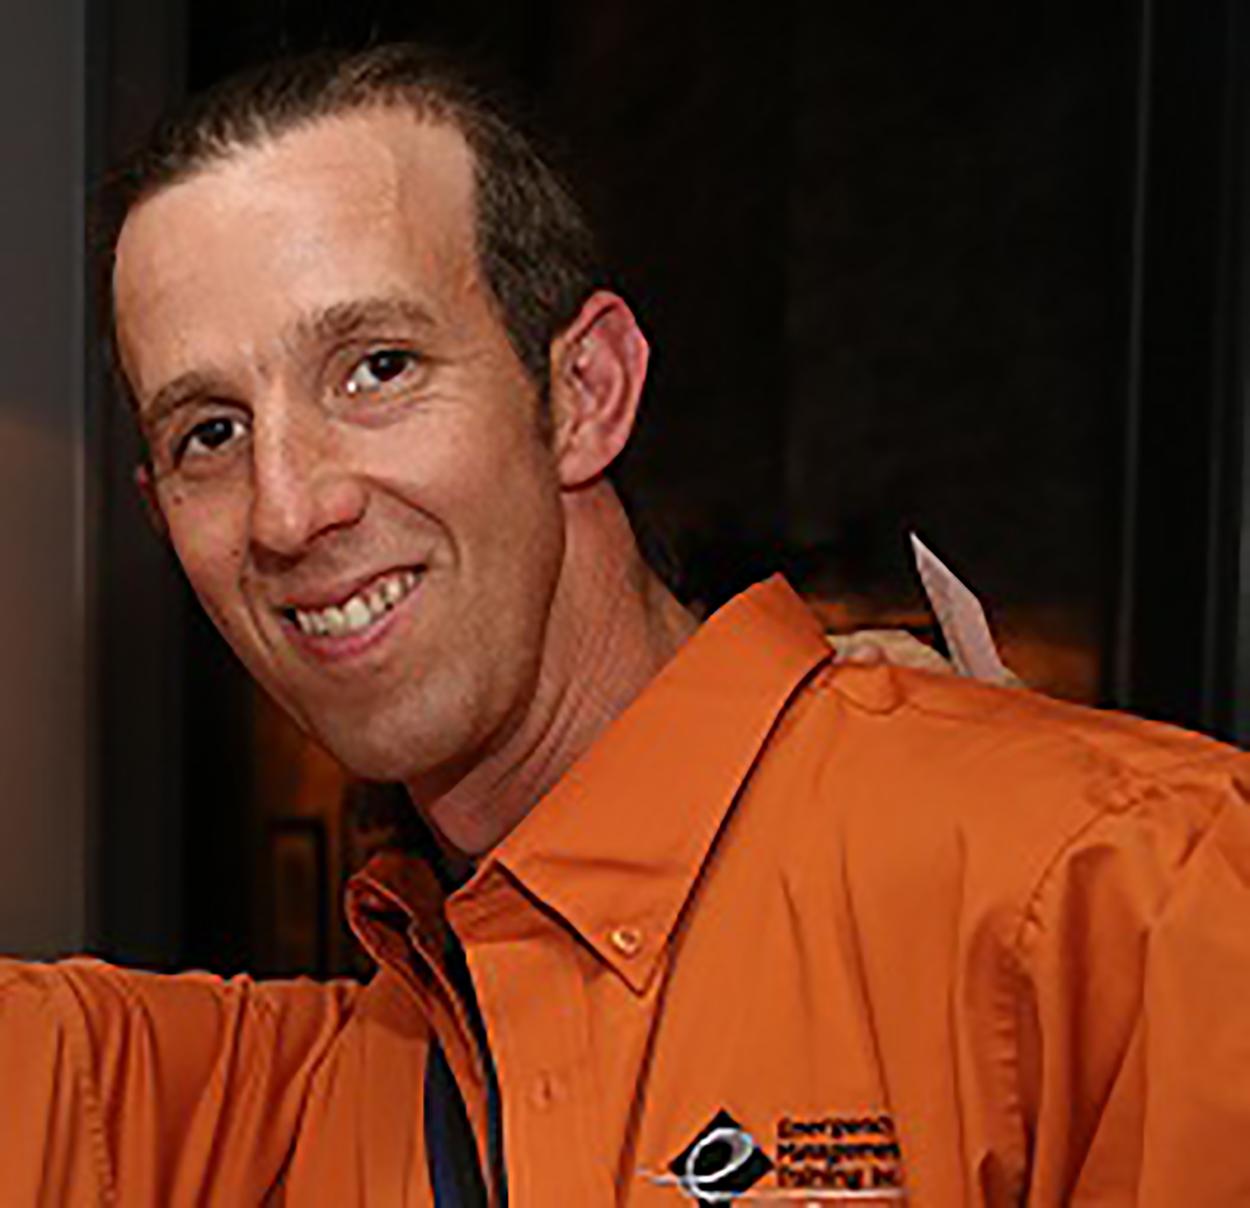 me orange shirt-2.jpg